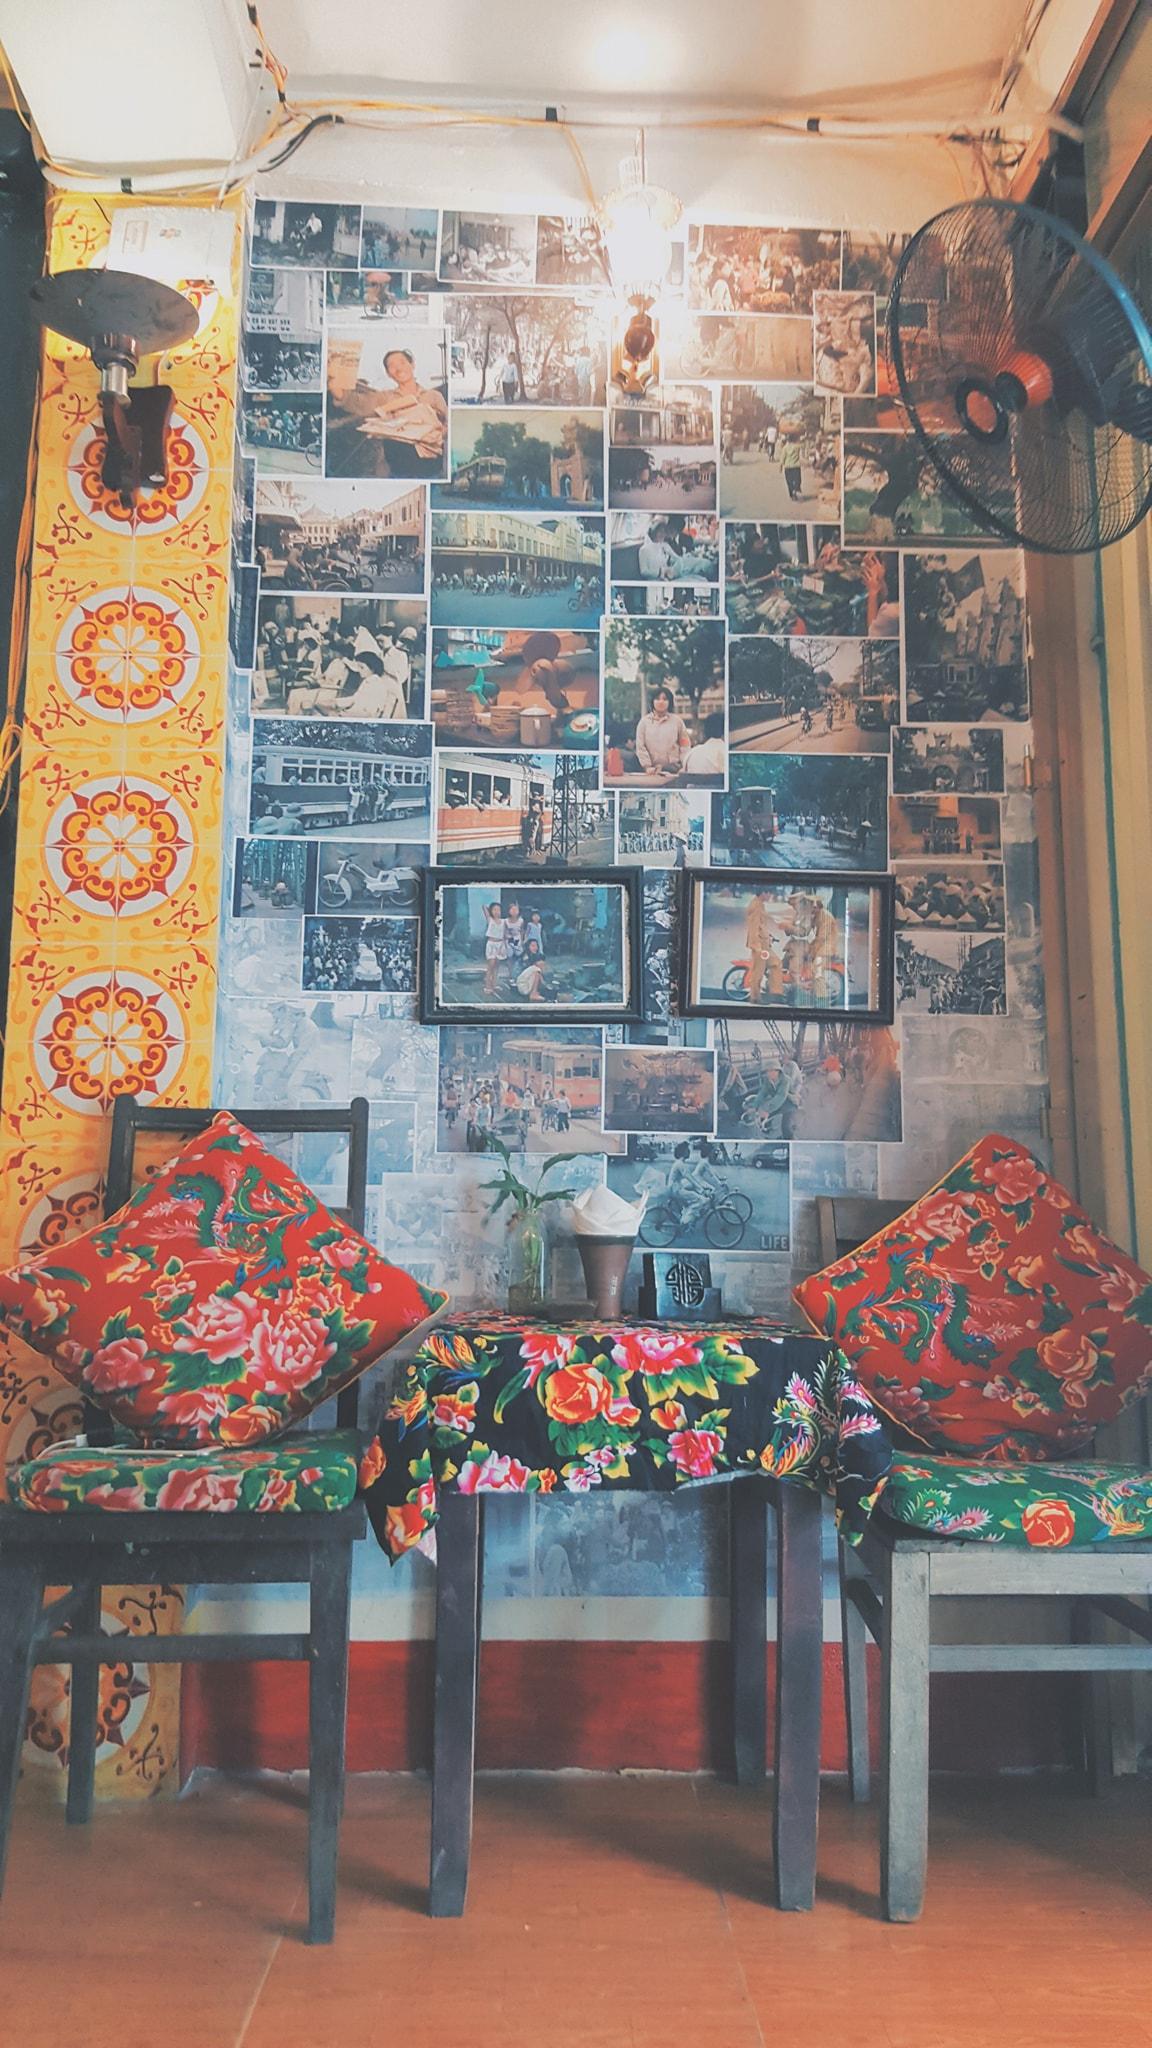 Bức tường được dán đầy những bức hình cũ. Ảnh @Thoi Caphe